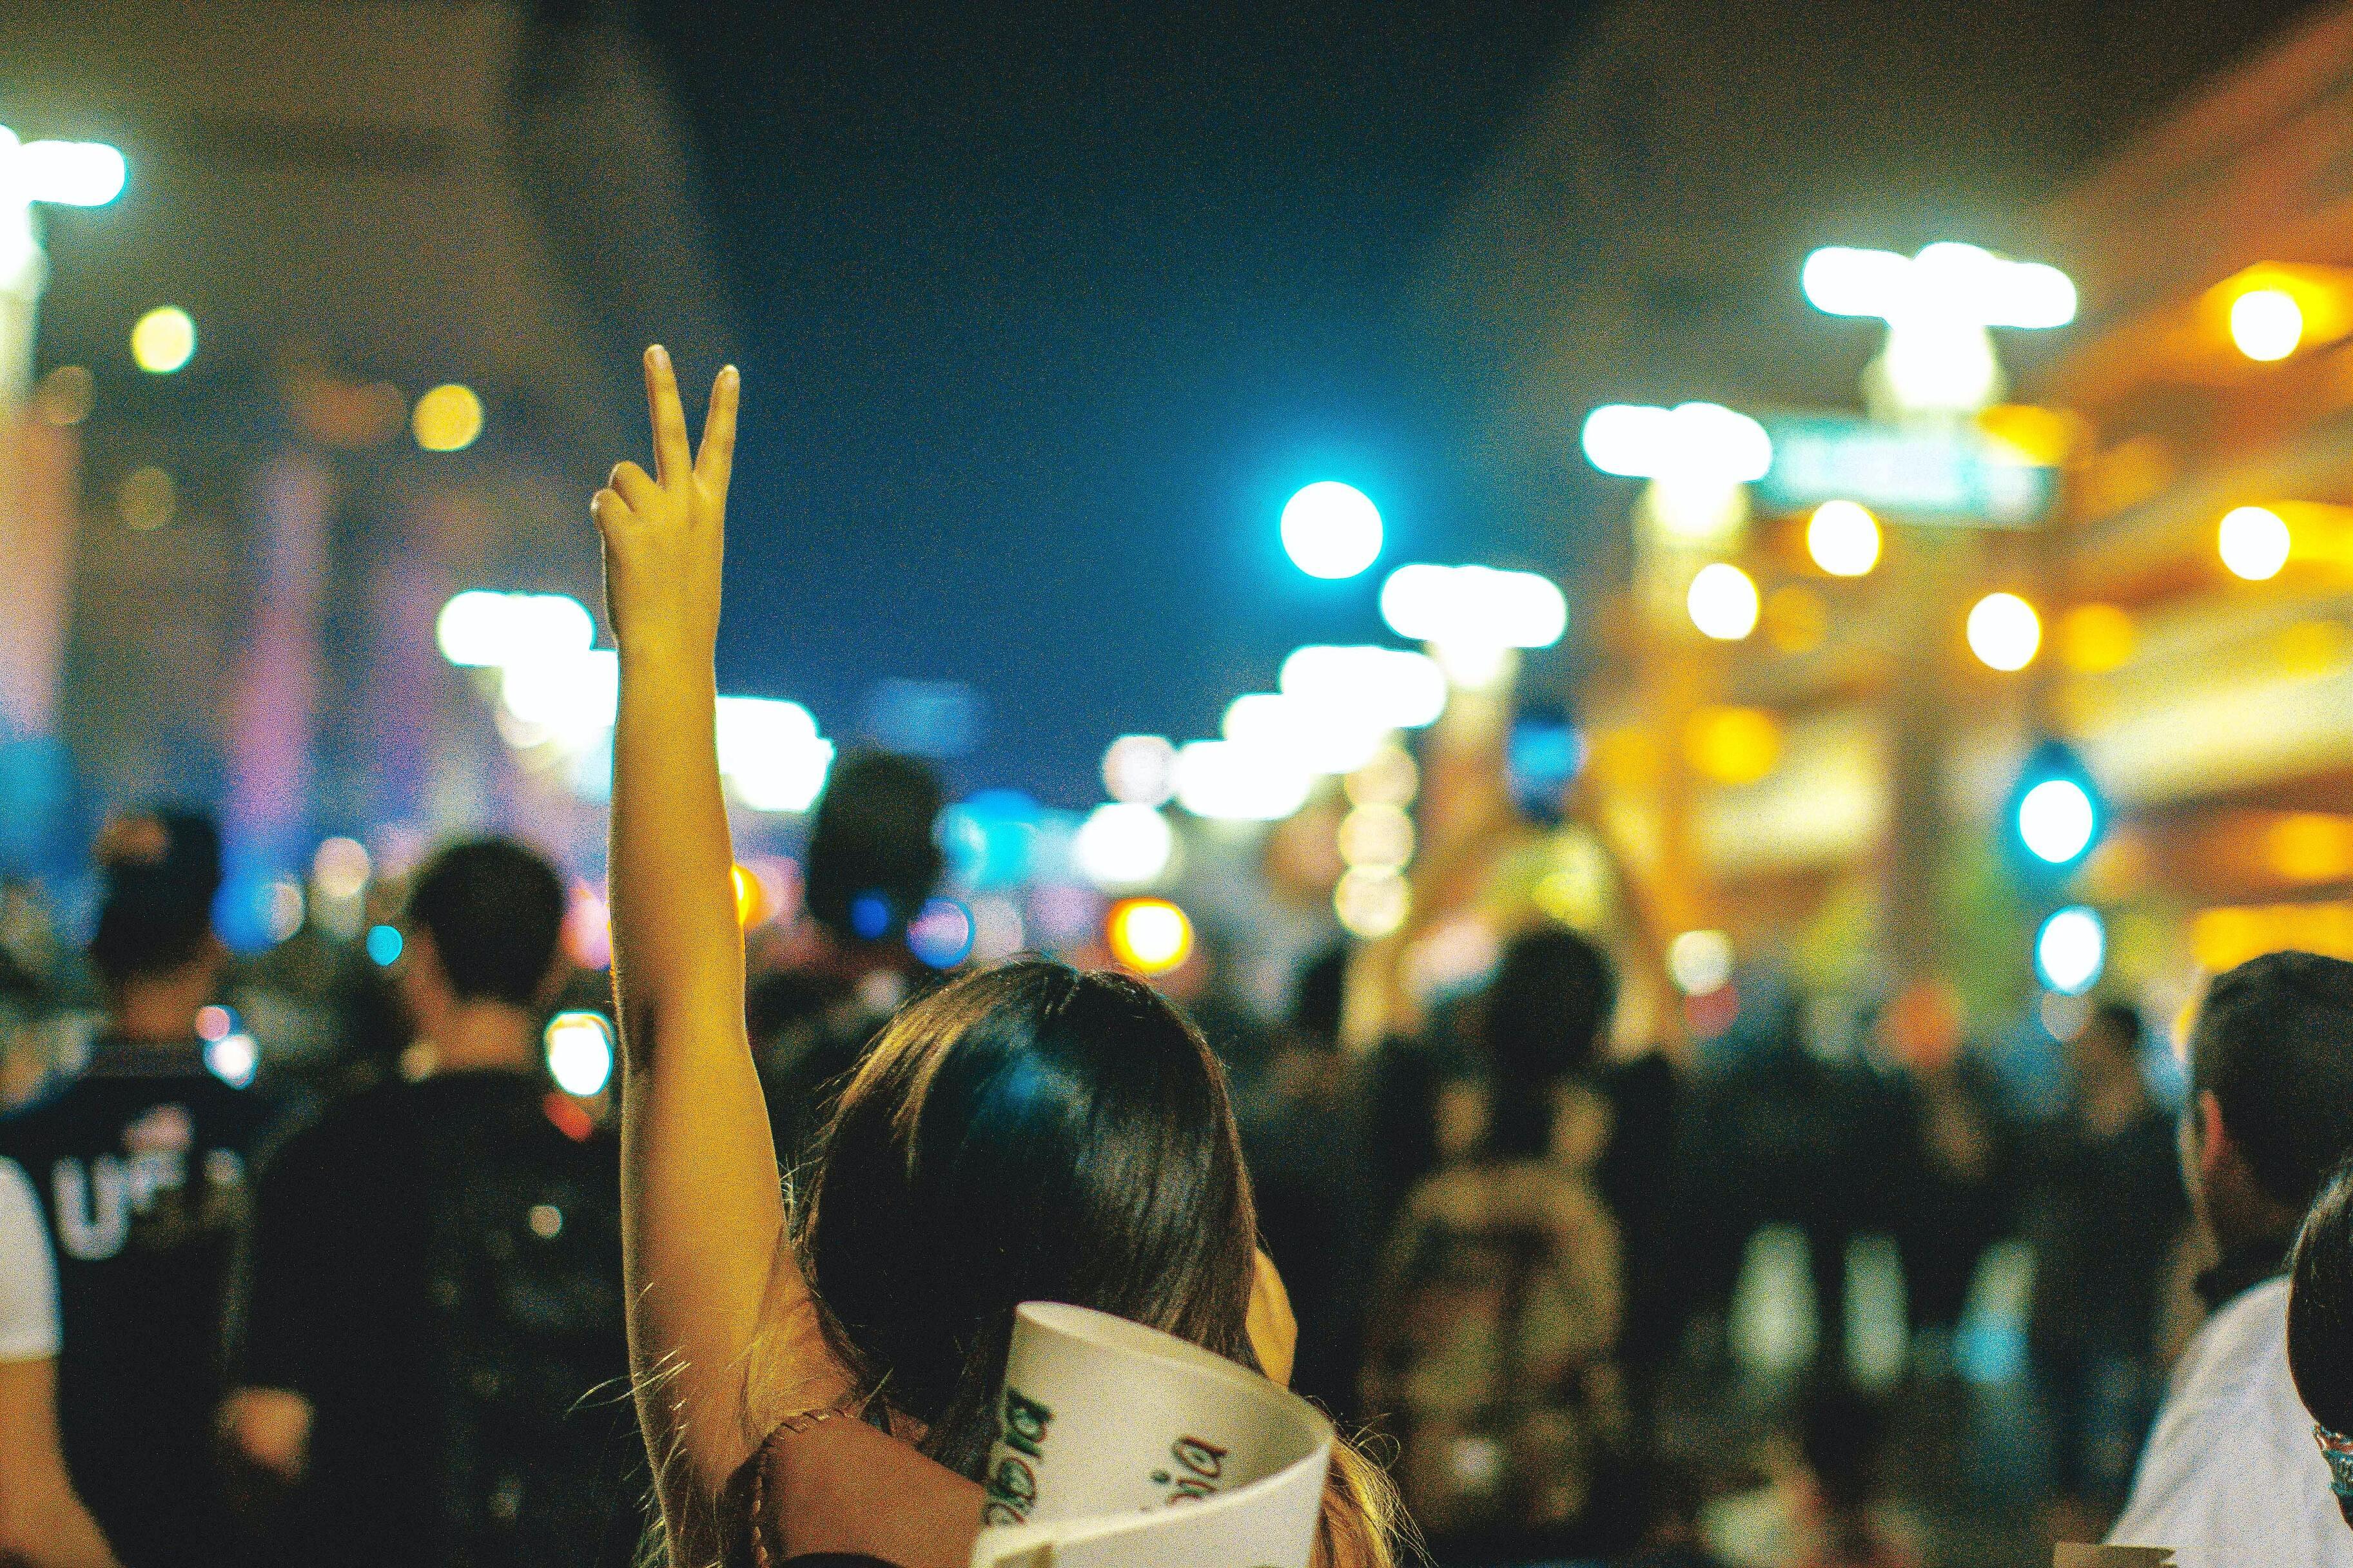 Учёные научились прогнозировать массовые протесты по сообщениям в социальных сетях